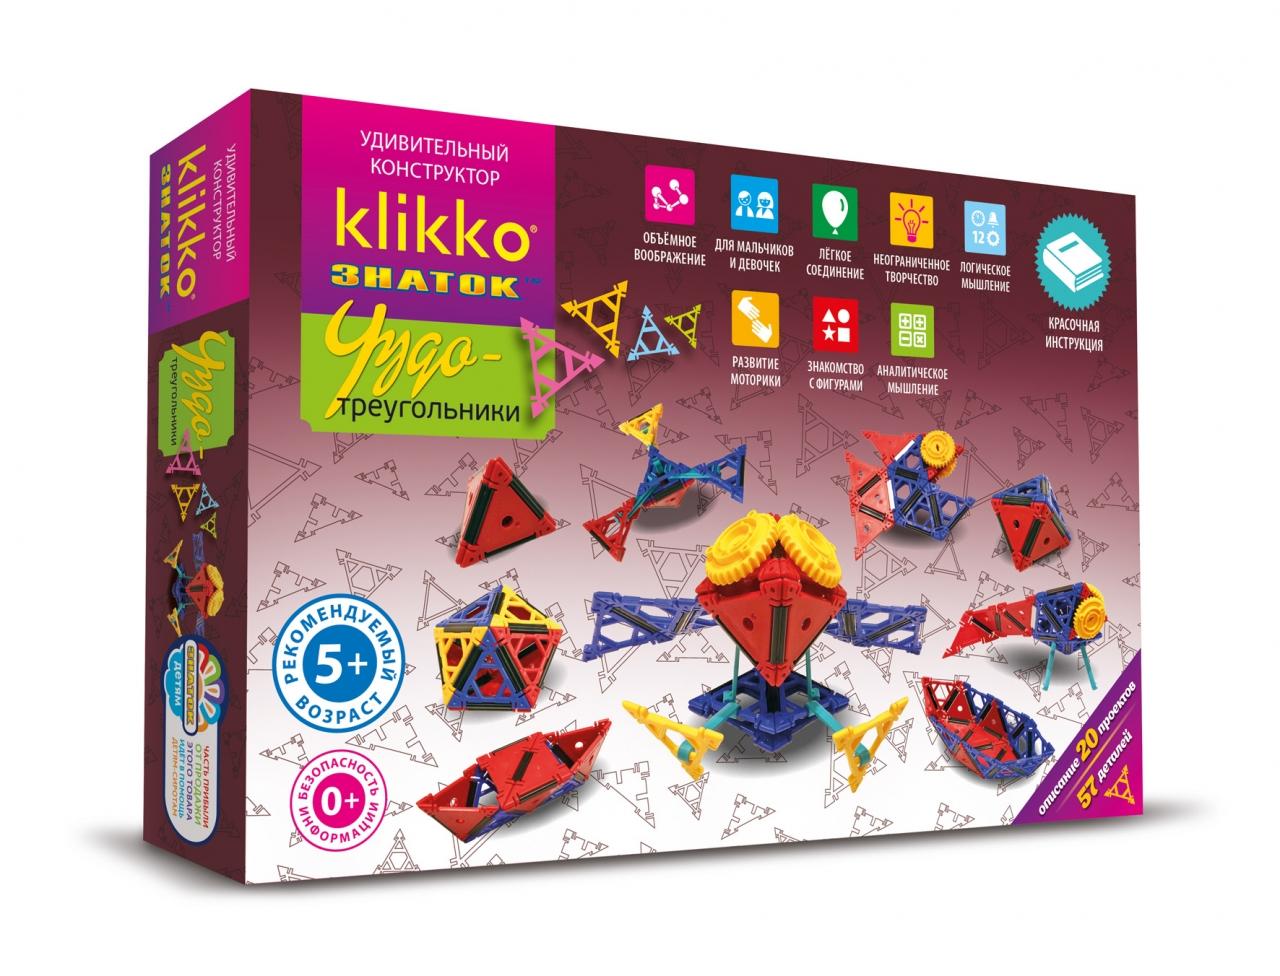 Купить Конструктор ЗНАТОК 38640 Klikko Чудо треугольники 20 в 1, Знаток, пластик, Для мальчиков и девочек, Китай, Конструкторы